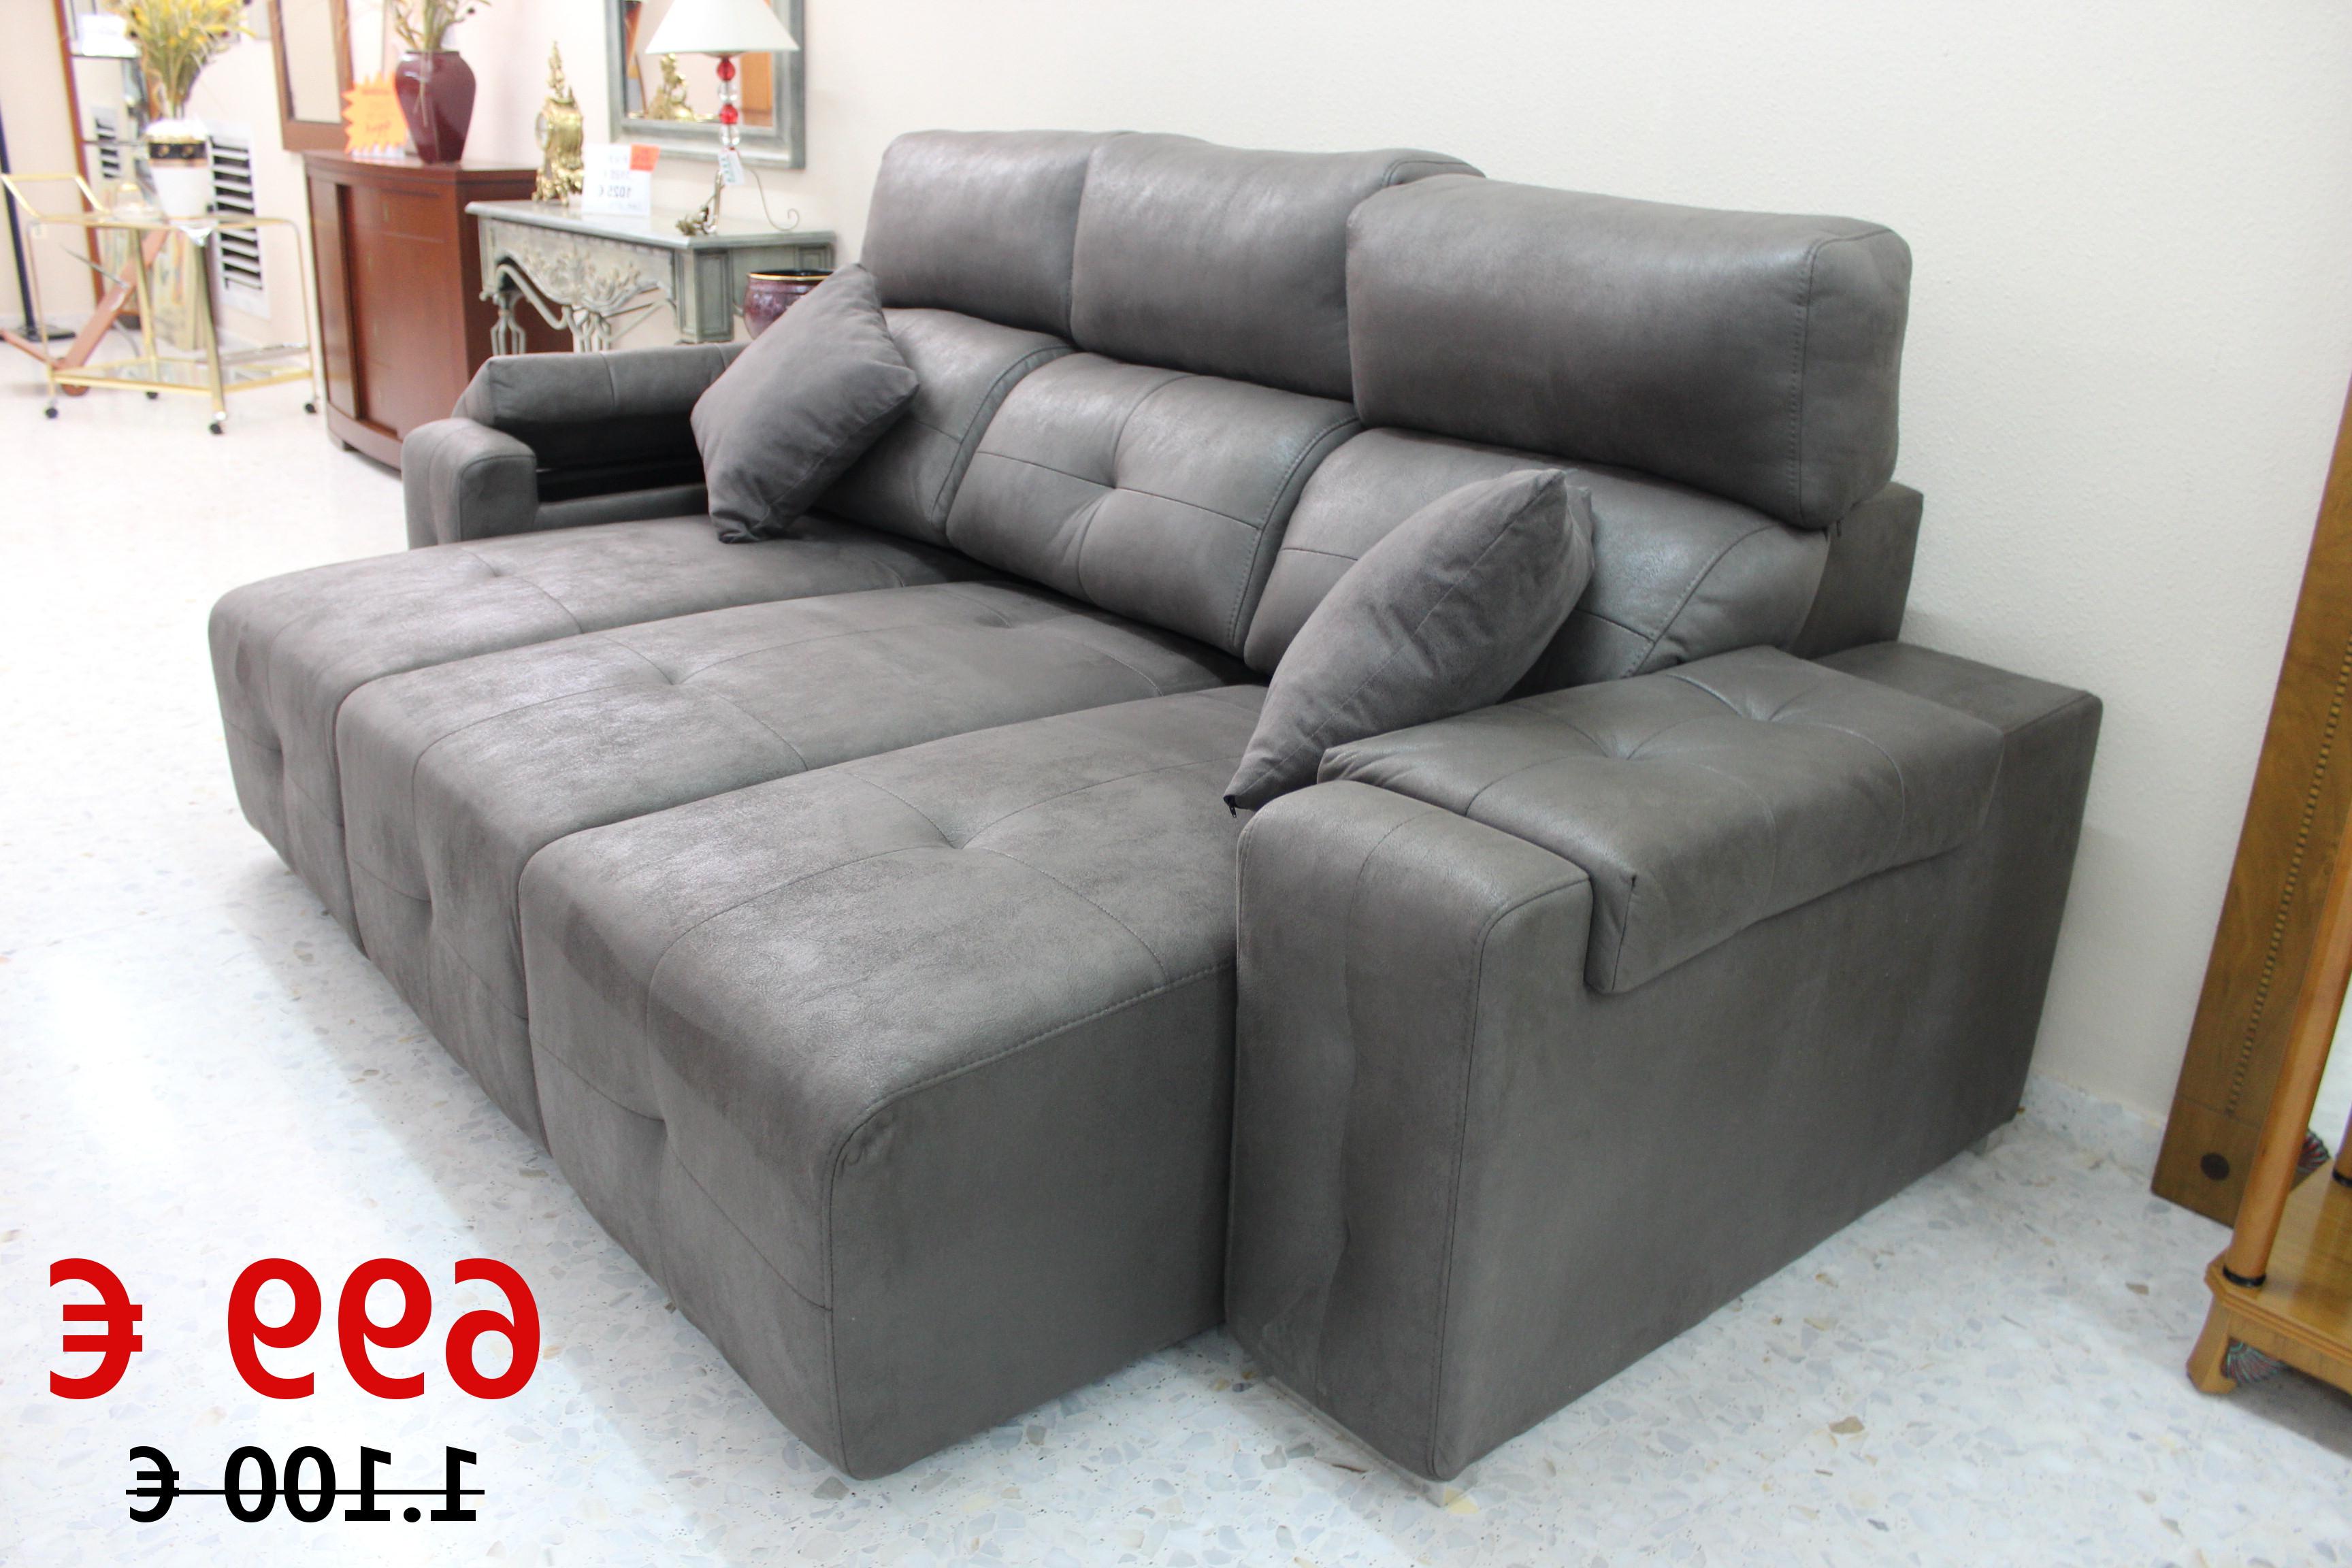 Sofa Extensible 3 Plazas J7do Outlet